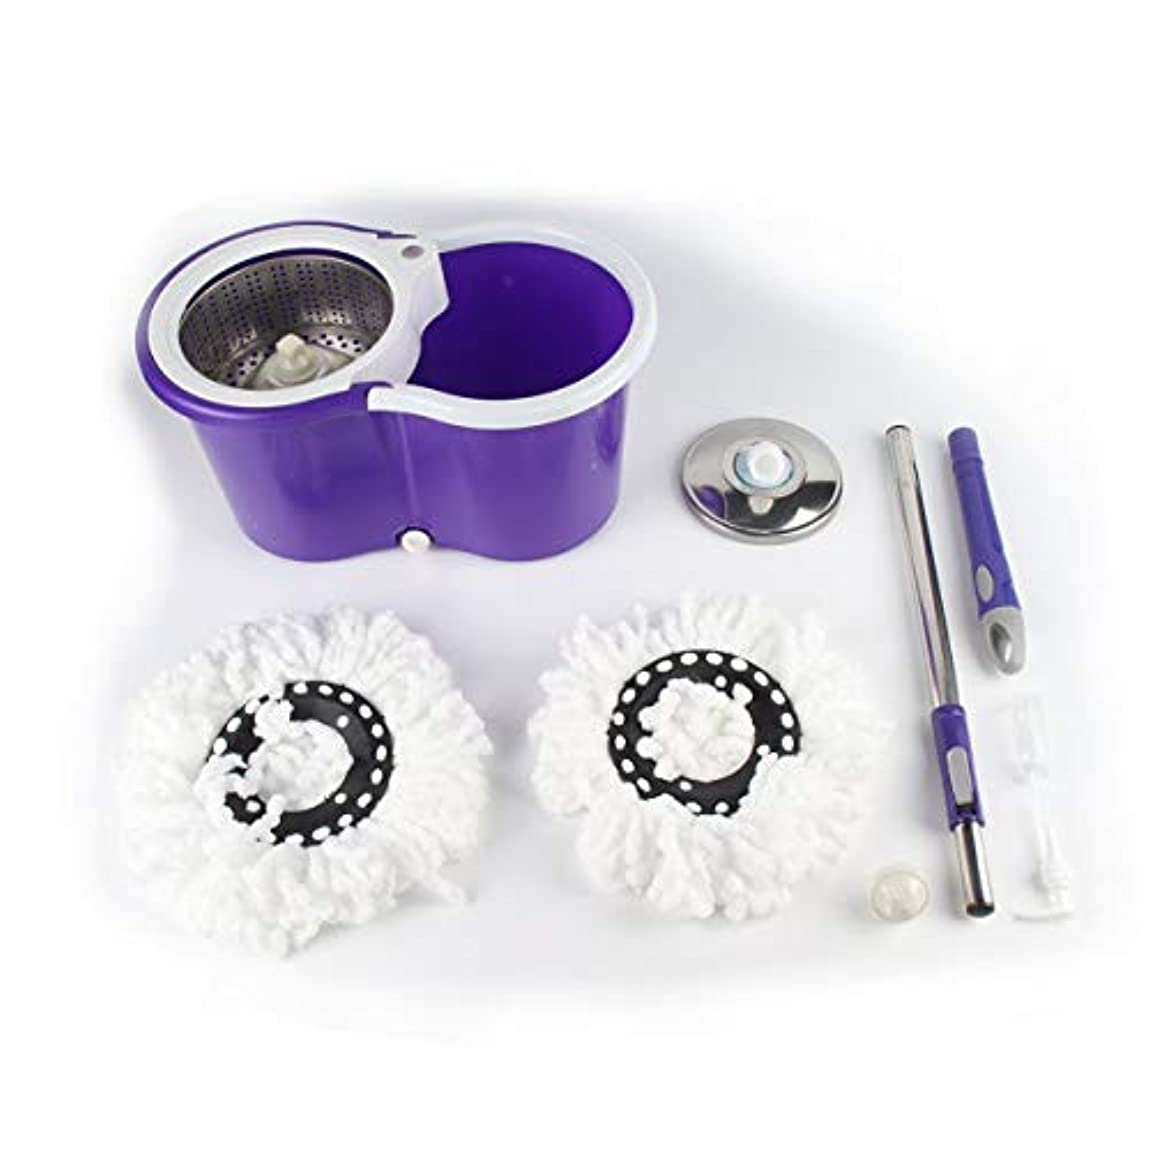 クラウド香ばしい義務Saikogoods 1PC 360度回転 マイクロファイバーモップヘッド キッチン浴室クリーニング マジックモップ ヘッド交換をスピニング マジックモップ 紫の